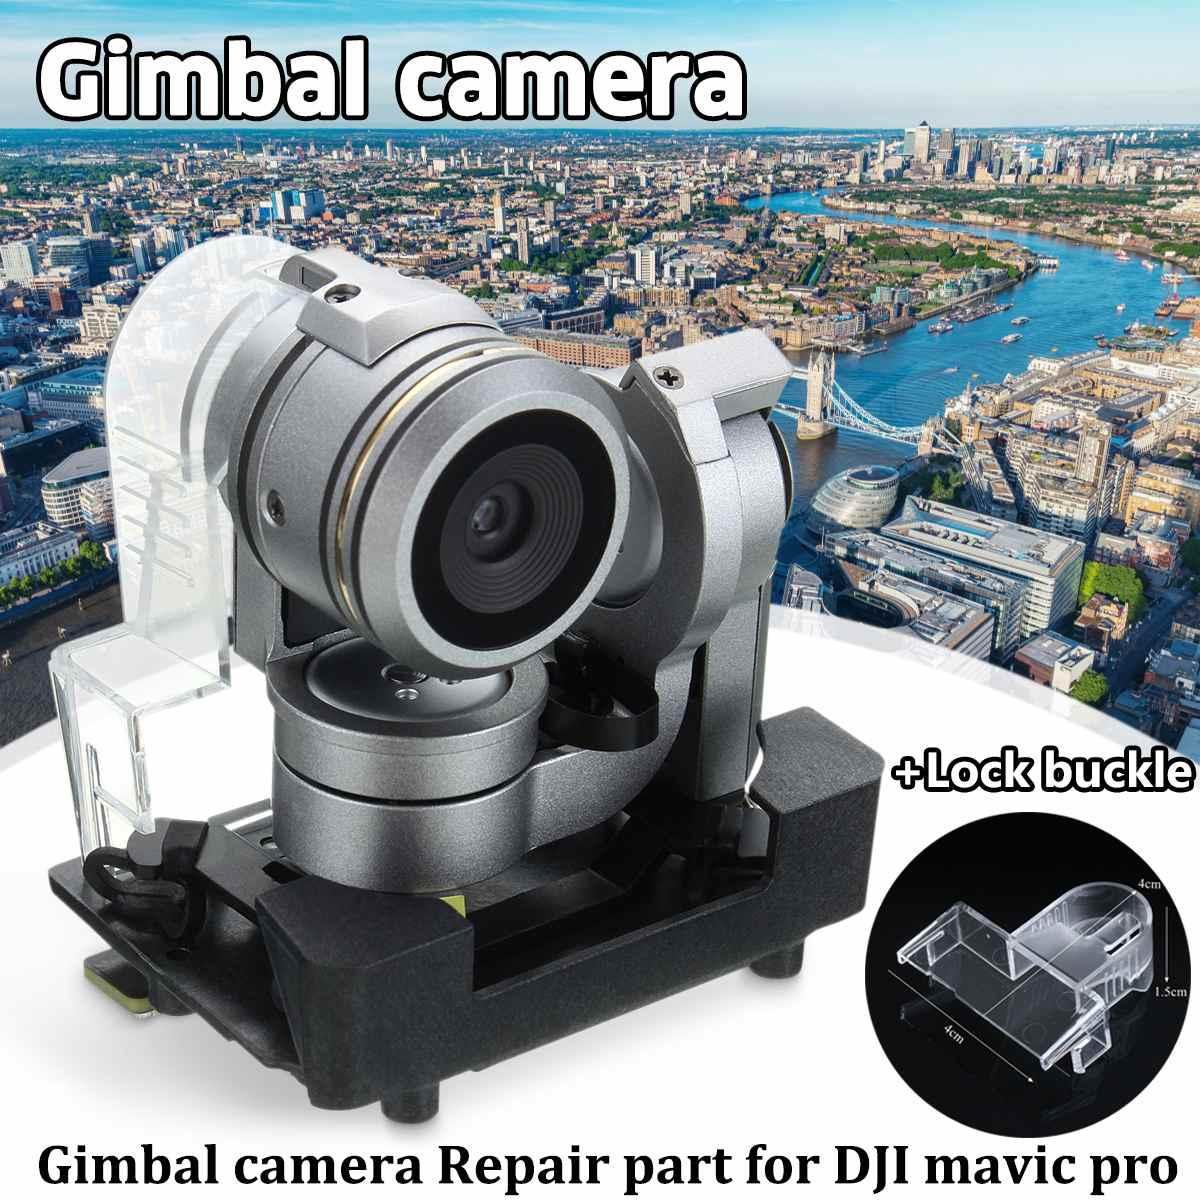 4 K caméra cardan pour Original DJI Mavic Pro Drone pièces de rechange FPV RC quadrirotor accessoires de remplacement + support boucle de verrouillage